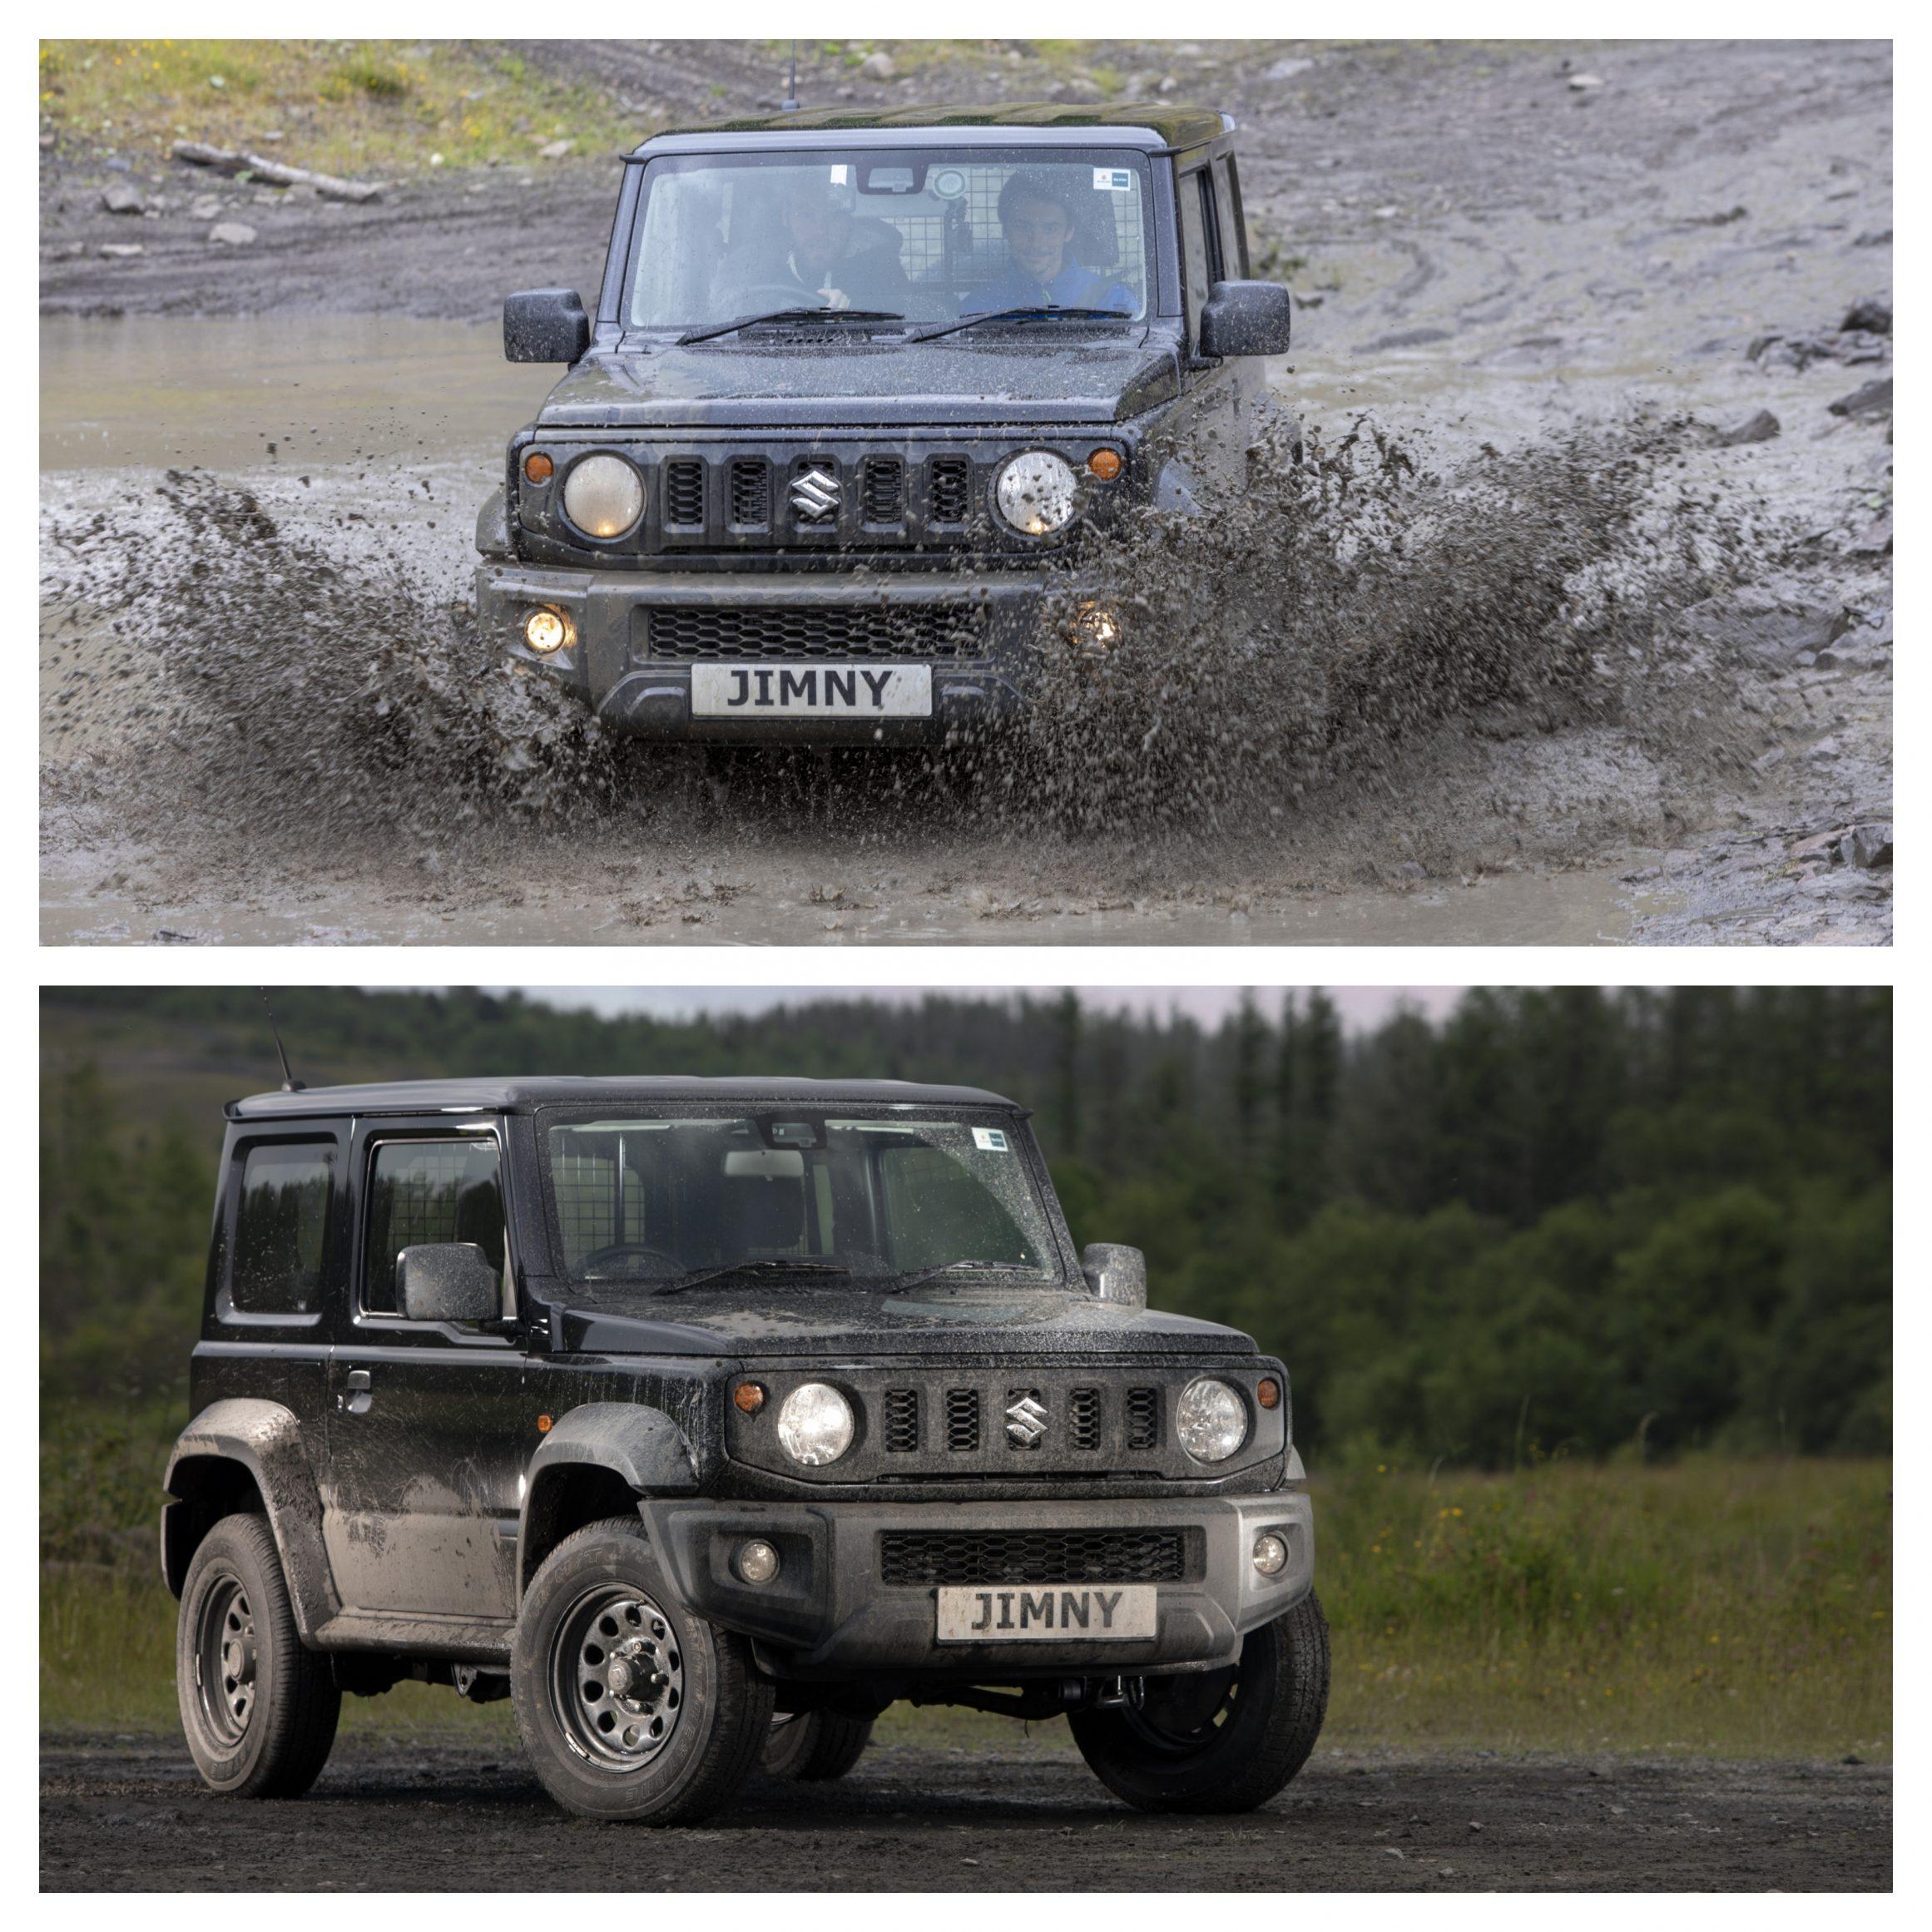 Suzuki Jimny static and driving through mud